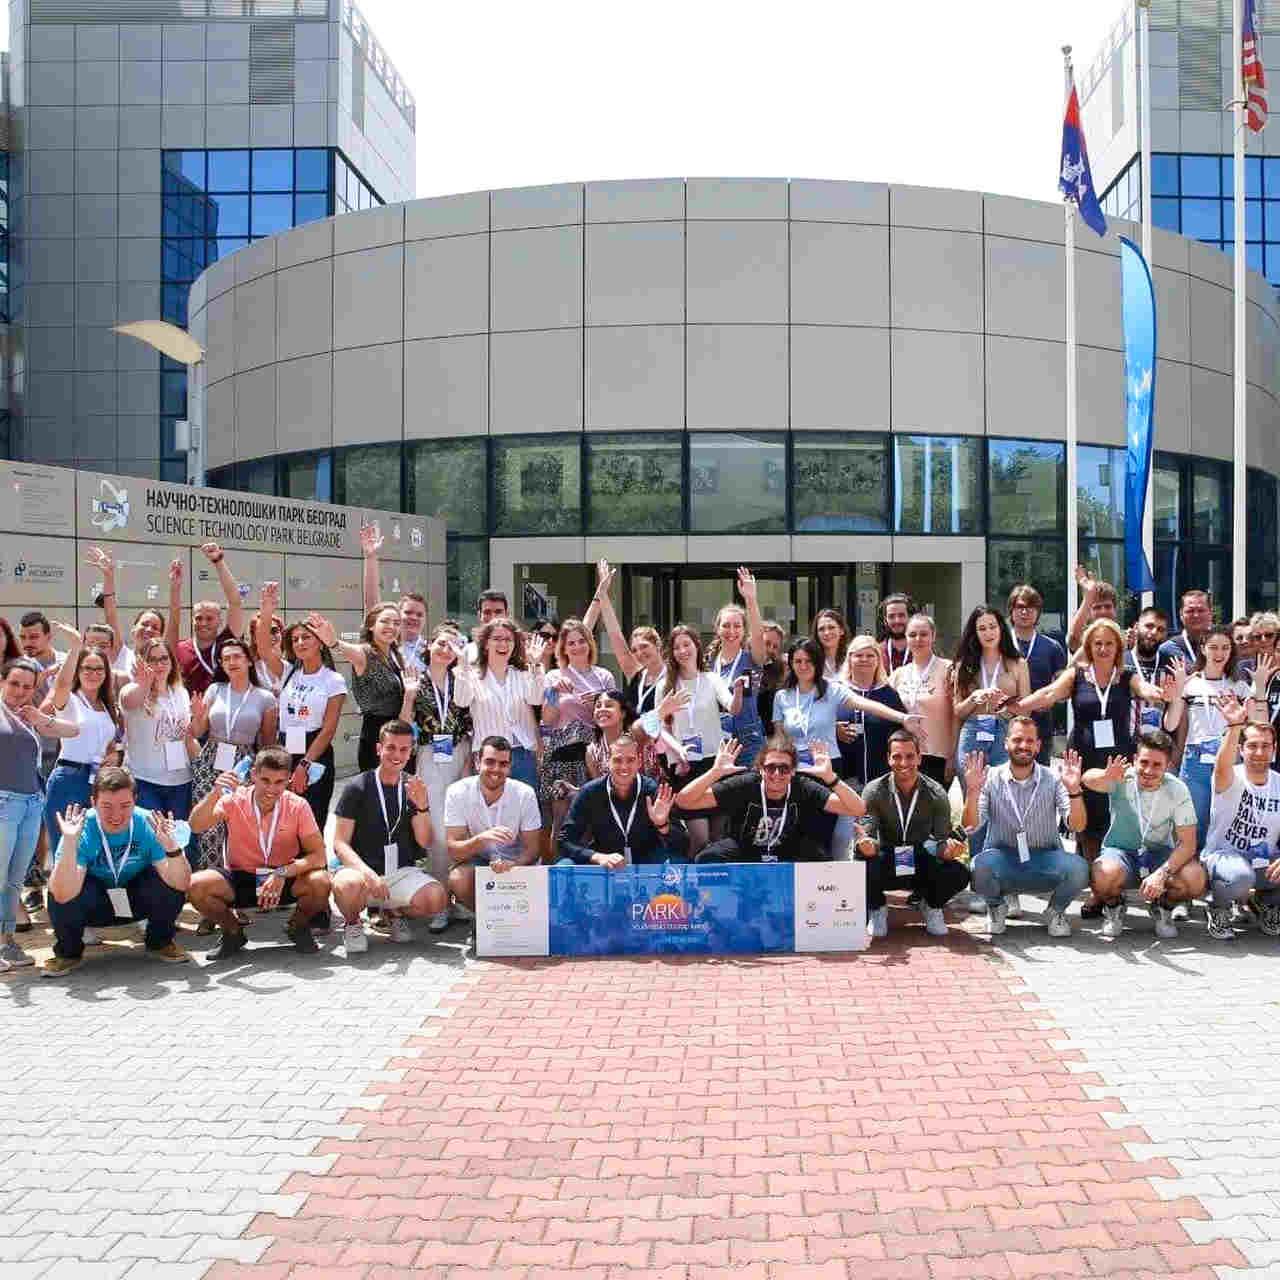 Око 60 академаца обучено о основама технолошког предузетништва – Sports-tech идеја најбоља у завршници студентског стартап кампа у НТП Београд